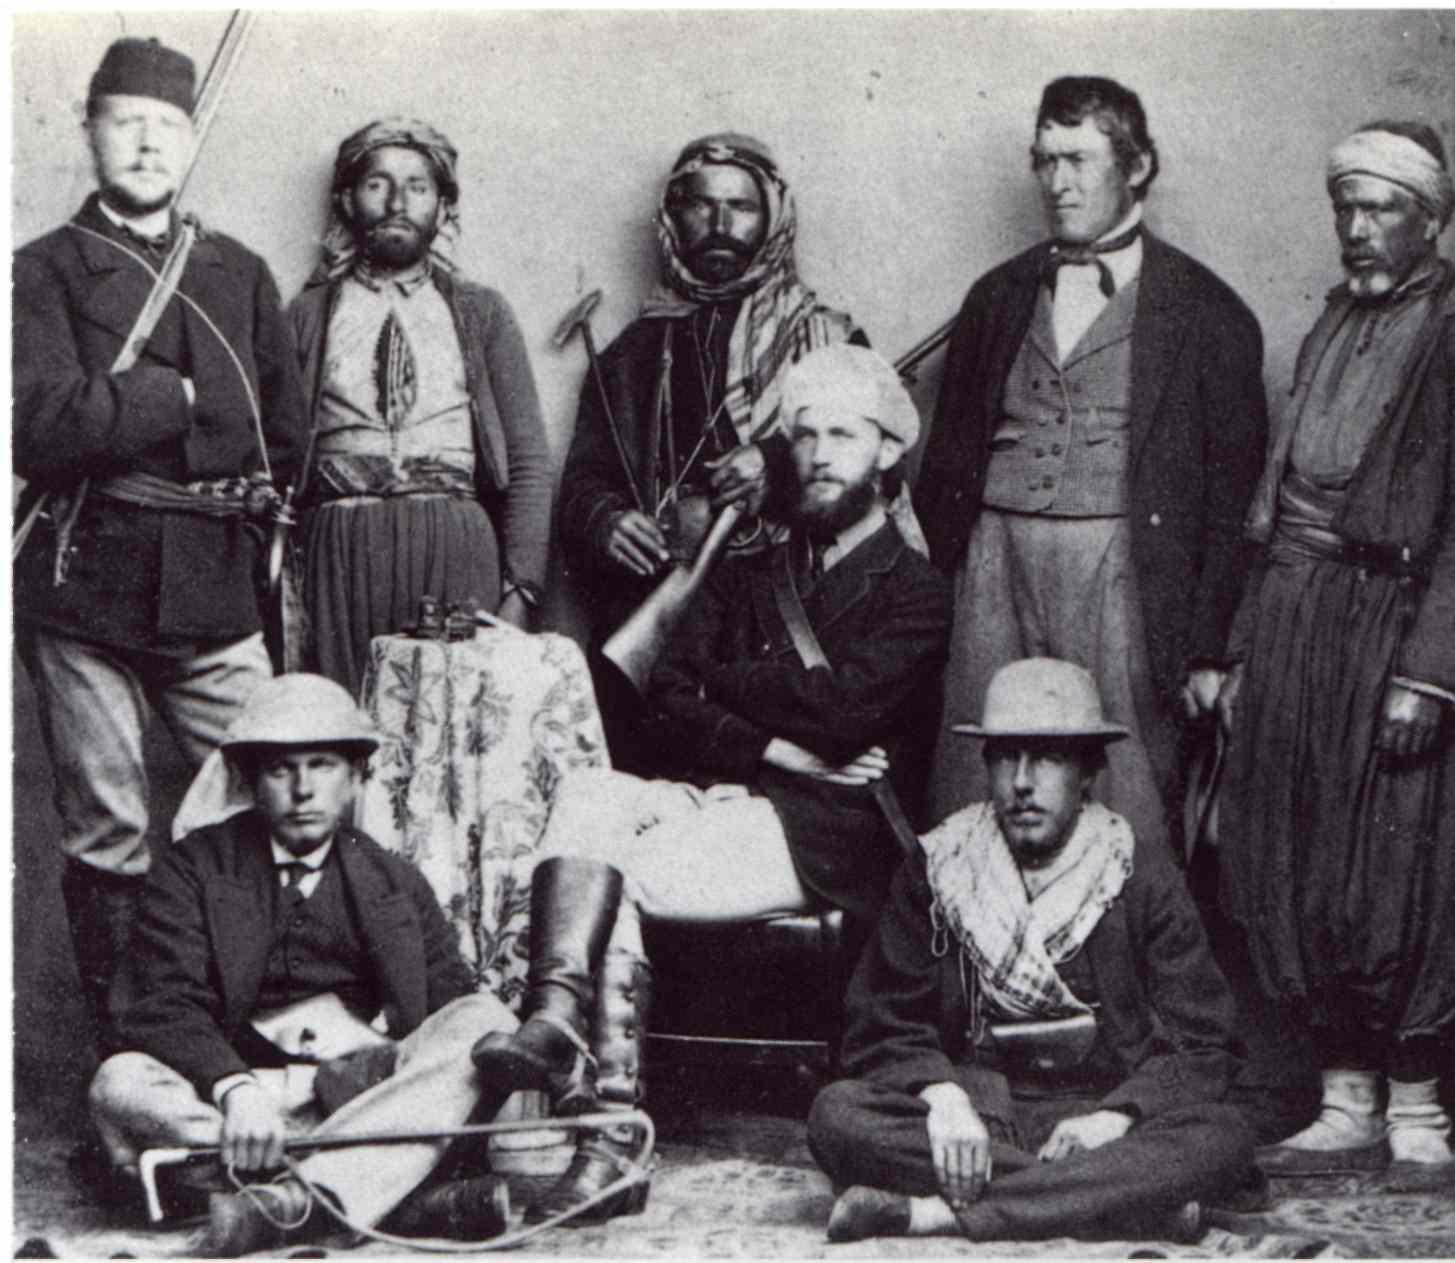 Адольфус Мур, Каминс Таккер, Дуглас Фрешфильд, Франсуа Девуассу и Кавказцы оказывающие поддержку экспедиции.